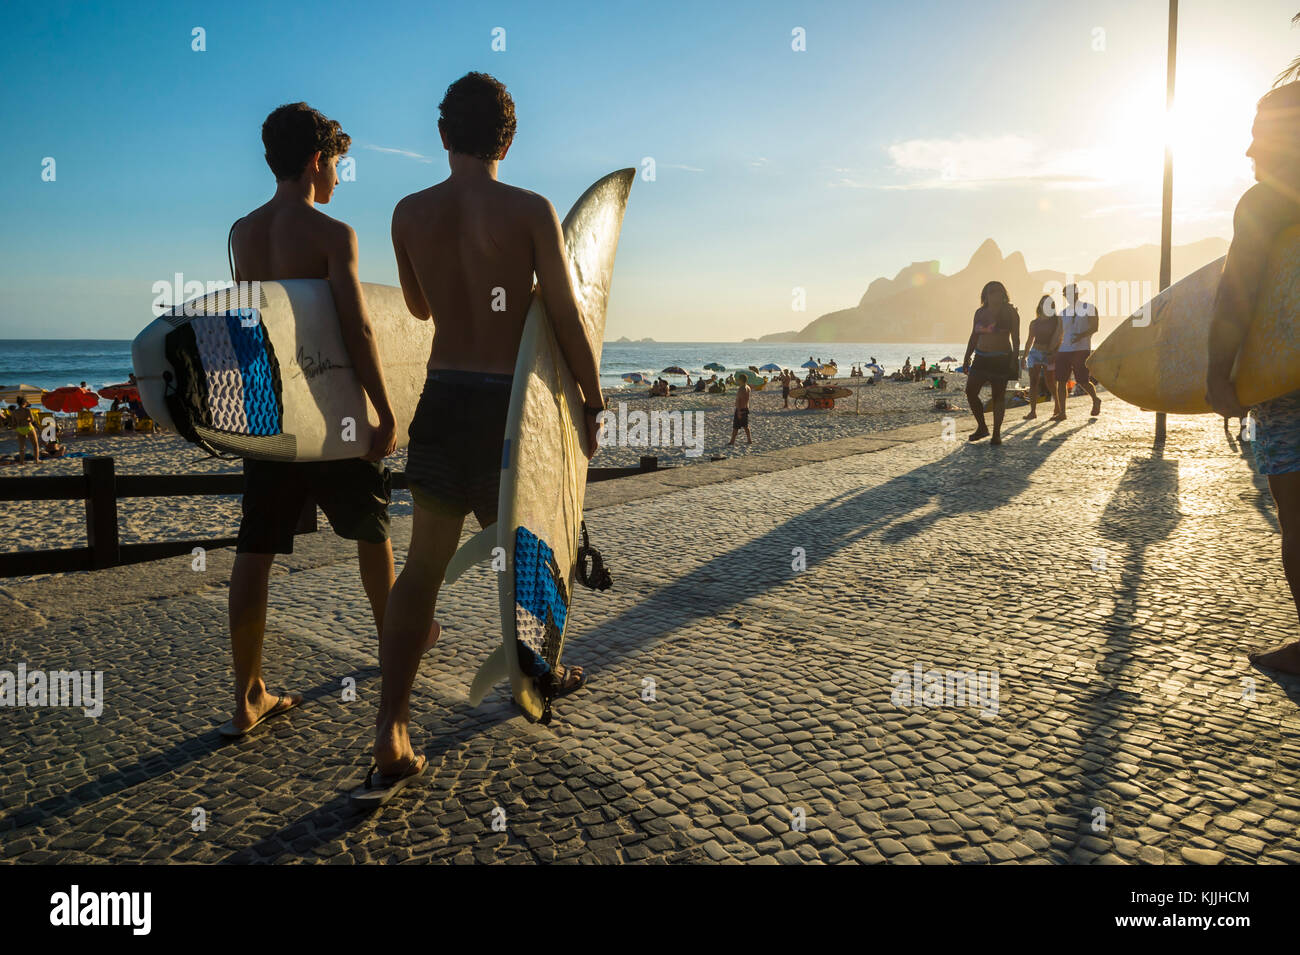 Rio de Janeiro - le 24 mars 2017: sunset silhouettes de deux jeunes surfeurs marcher avec des planches à Photo Stock